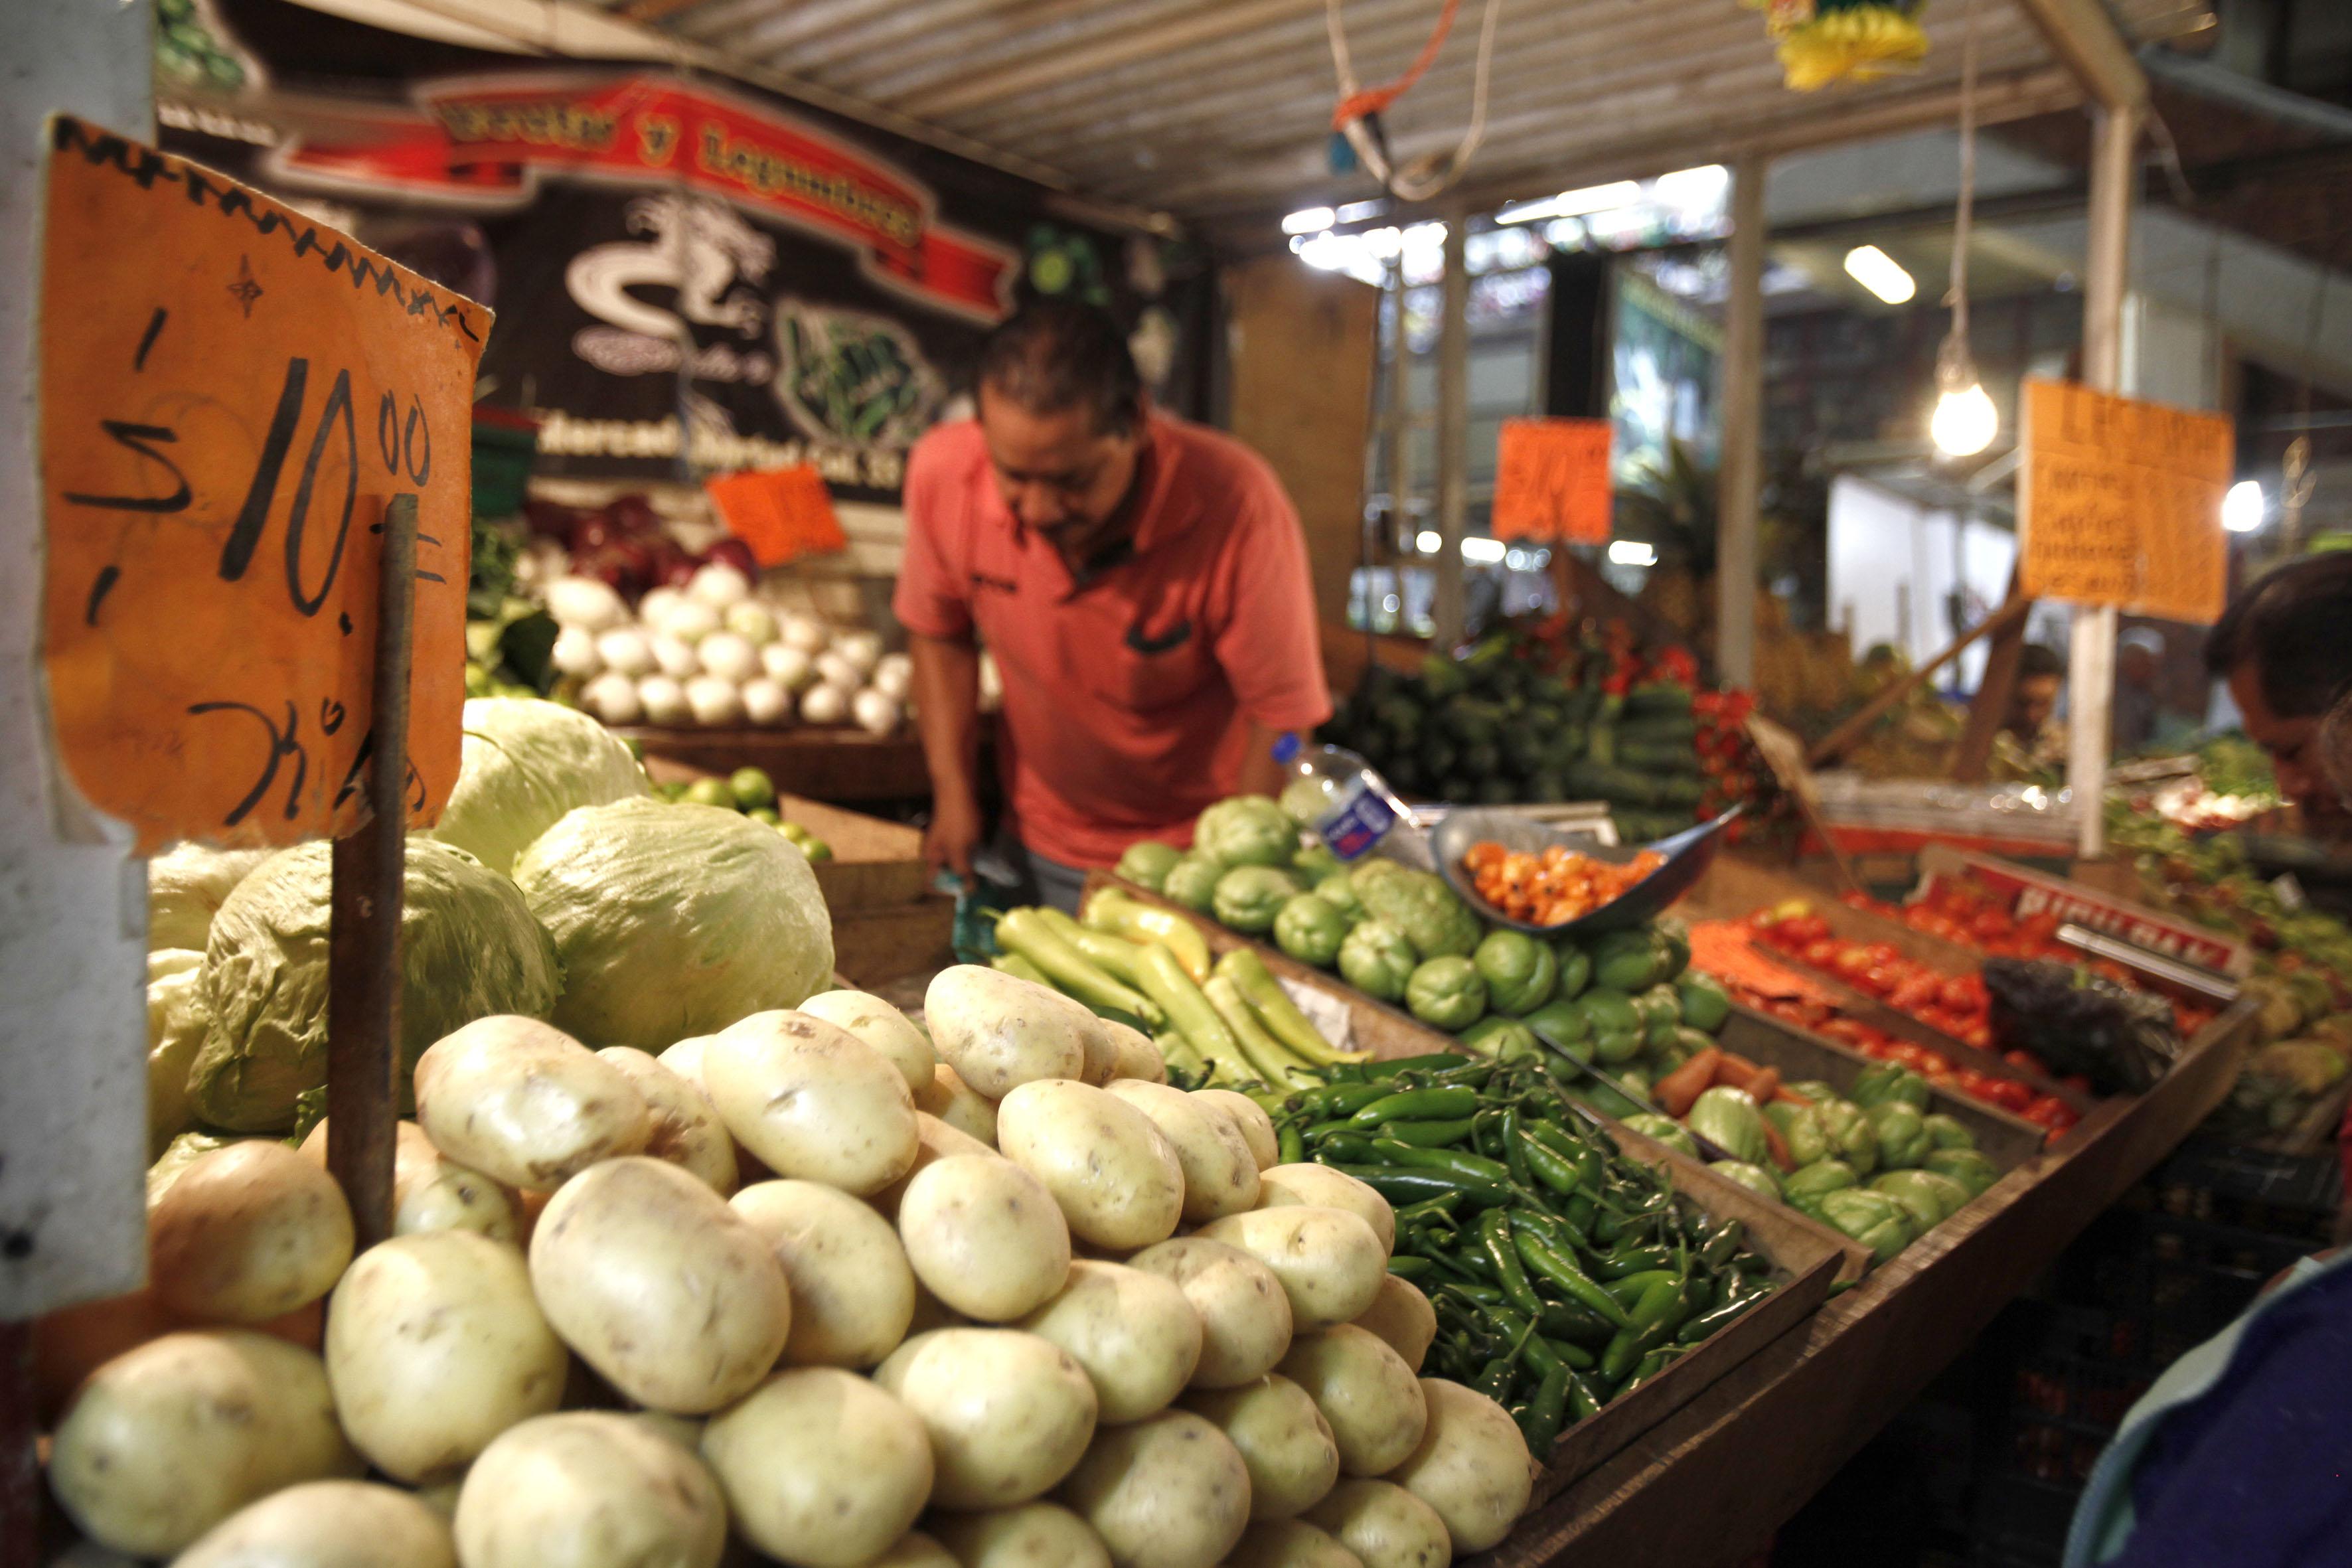 Frutas y verduras en un puesto de un mercado